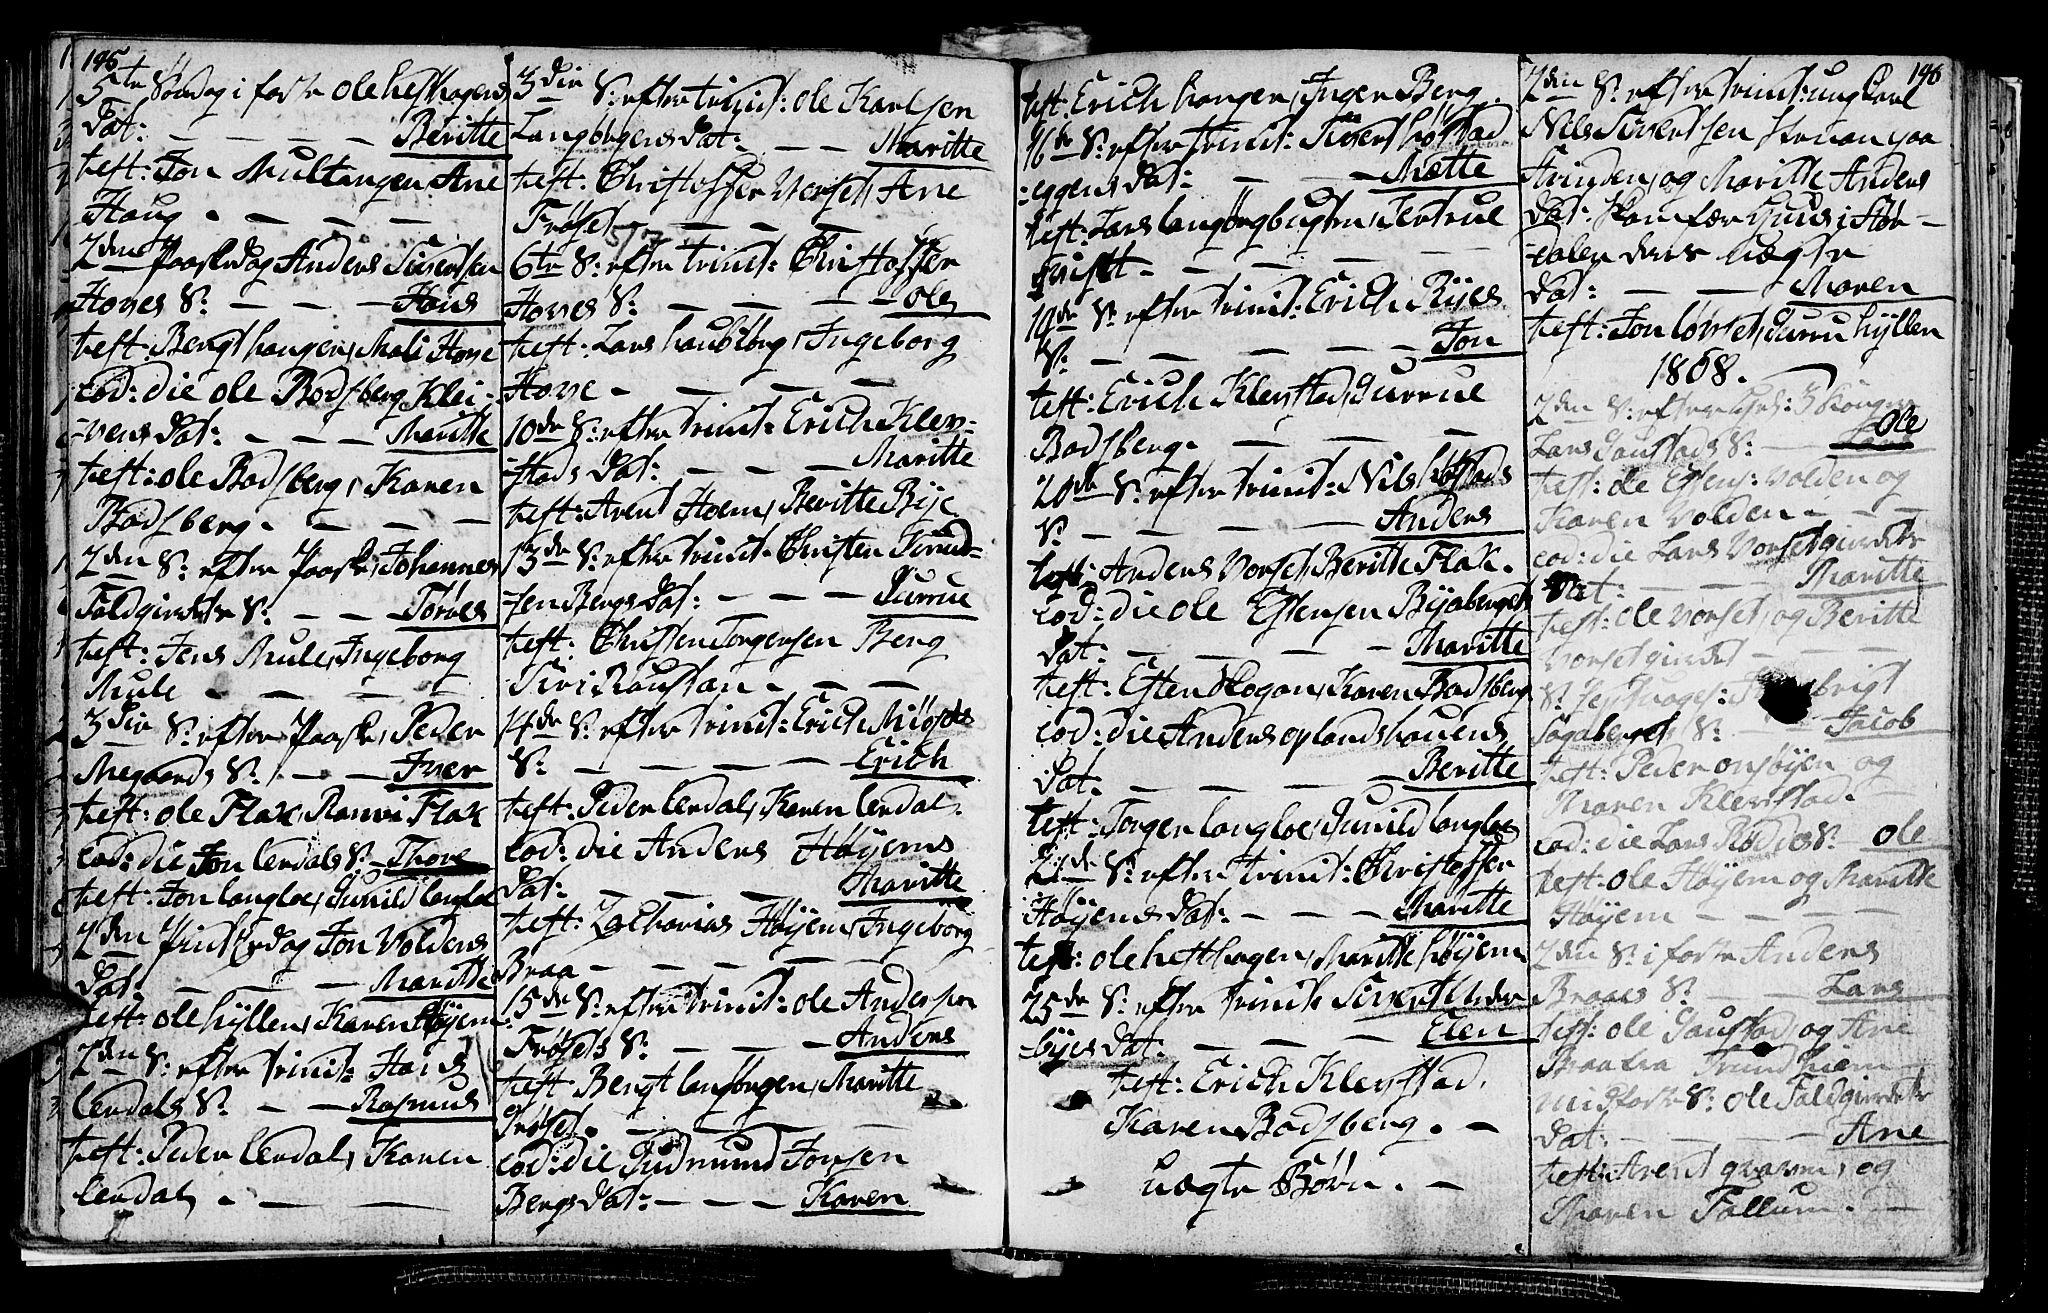 SAT, Ministerialprotokoller, klokkerbøker og fødselsregistre - Sør-Trøndelag, 612/L0371: Ministerialbok nr. 612A05, 1803-1816, s. 145-146